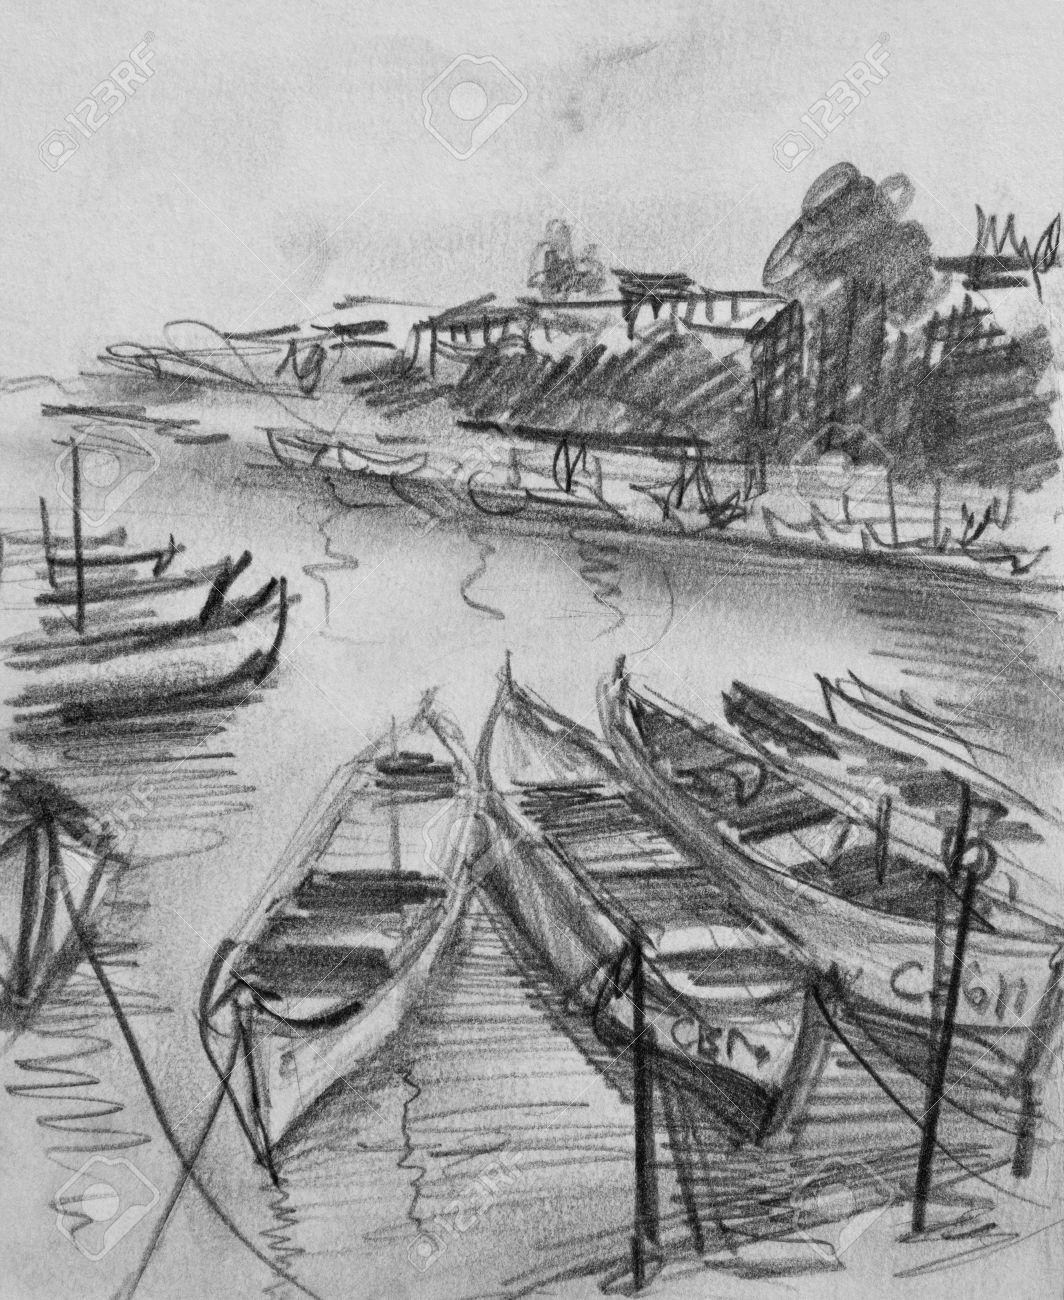 Dessin Au Crayon Noir Et Blanc Des Vieux Bateaux De Peche Flottant